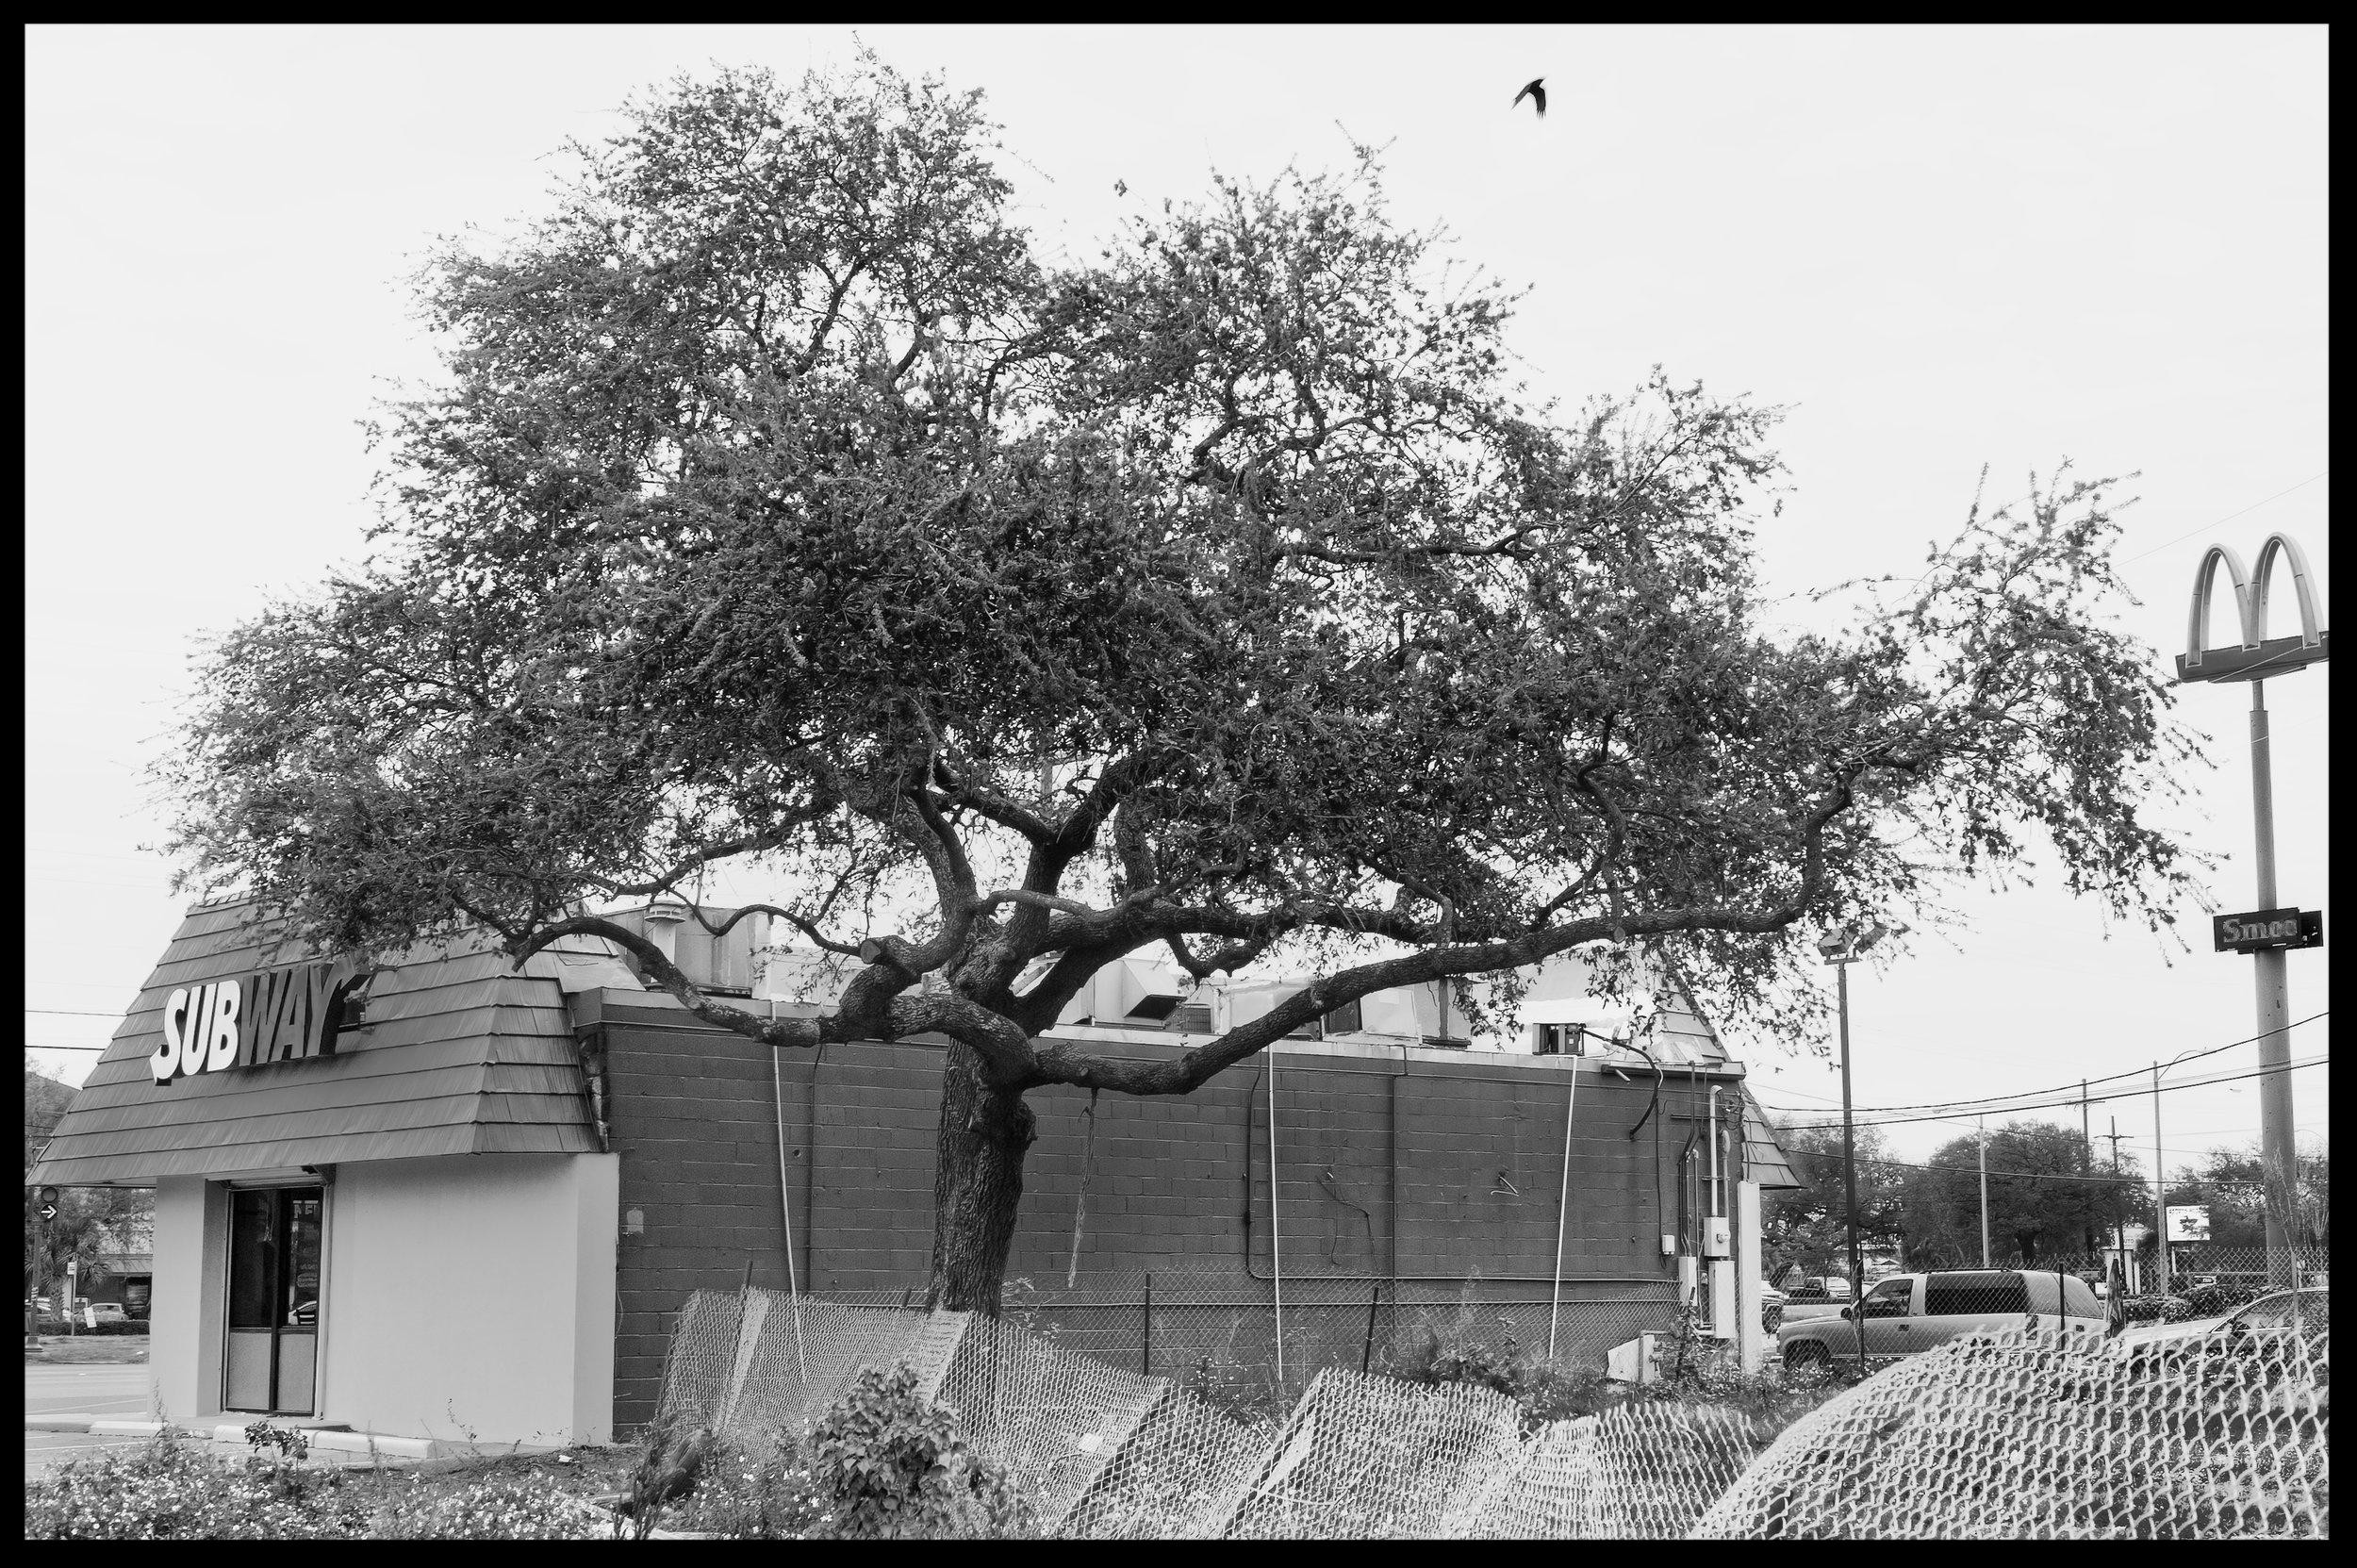 subway tree.jpg